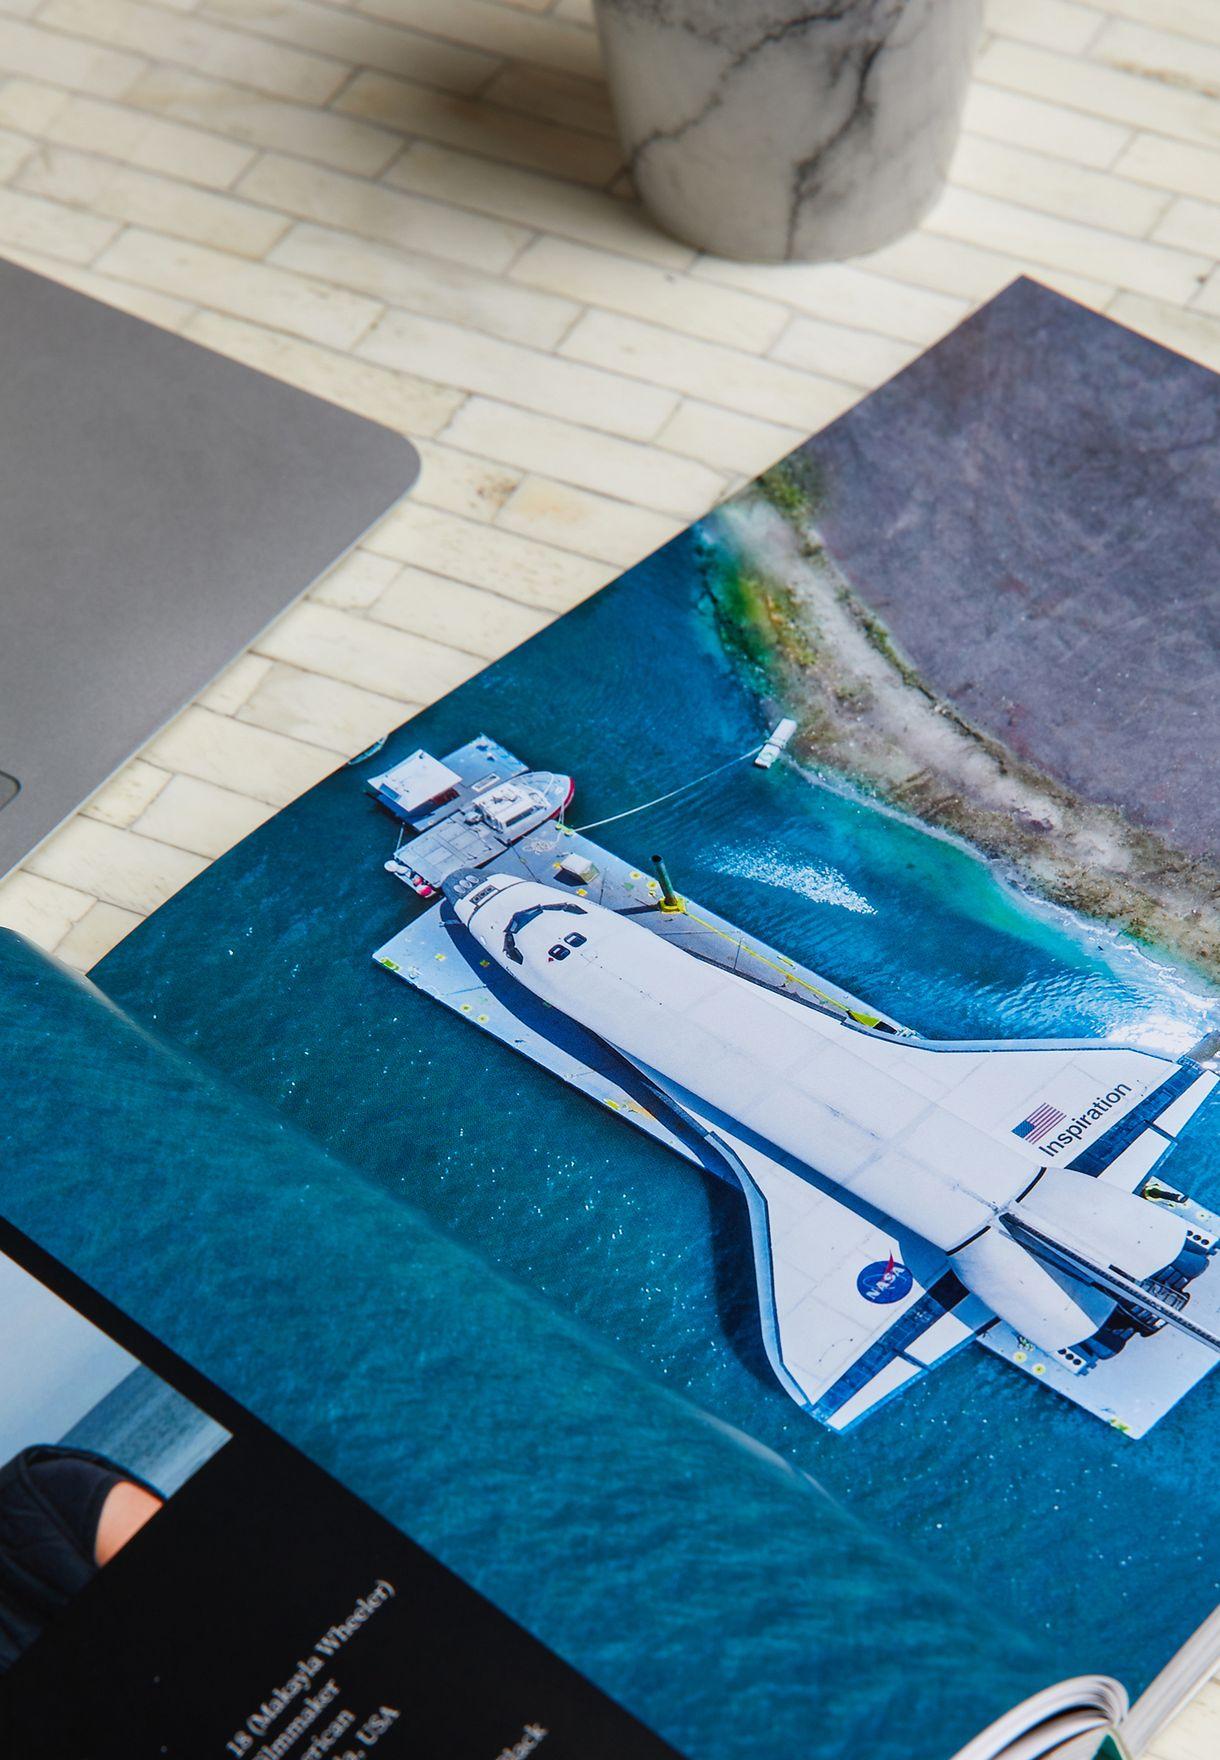 طائرا بدون طيار: التصوير الجوي الجديد من درونستغرام